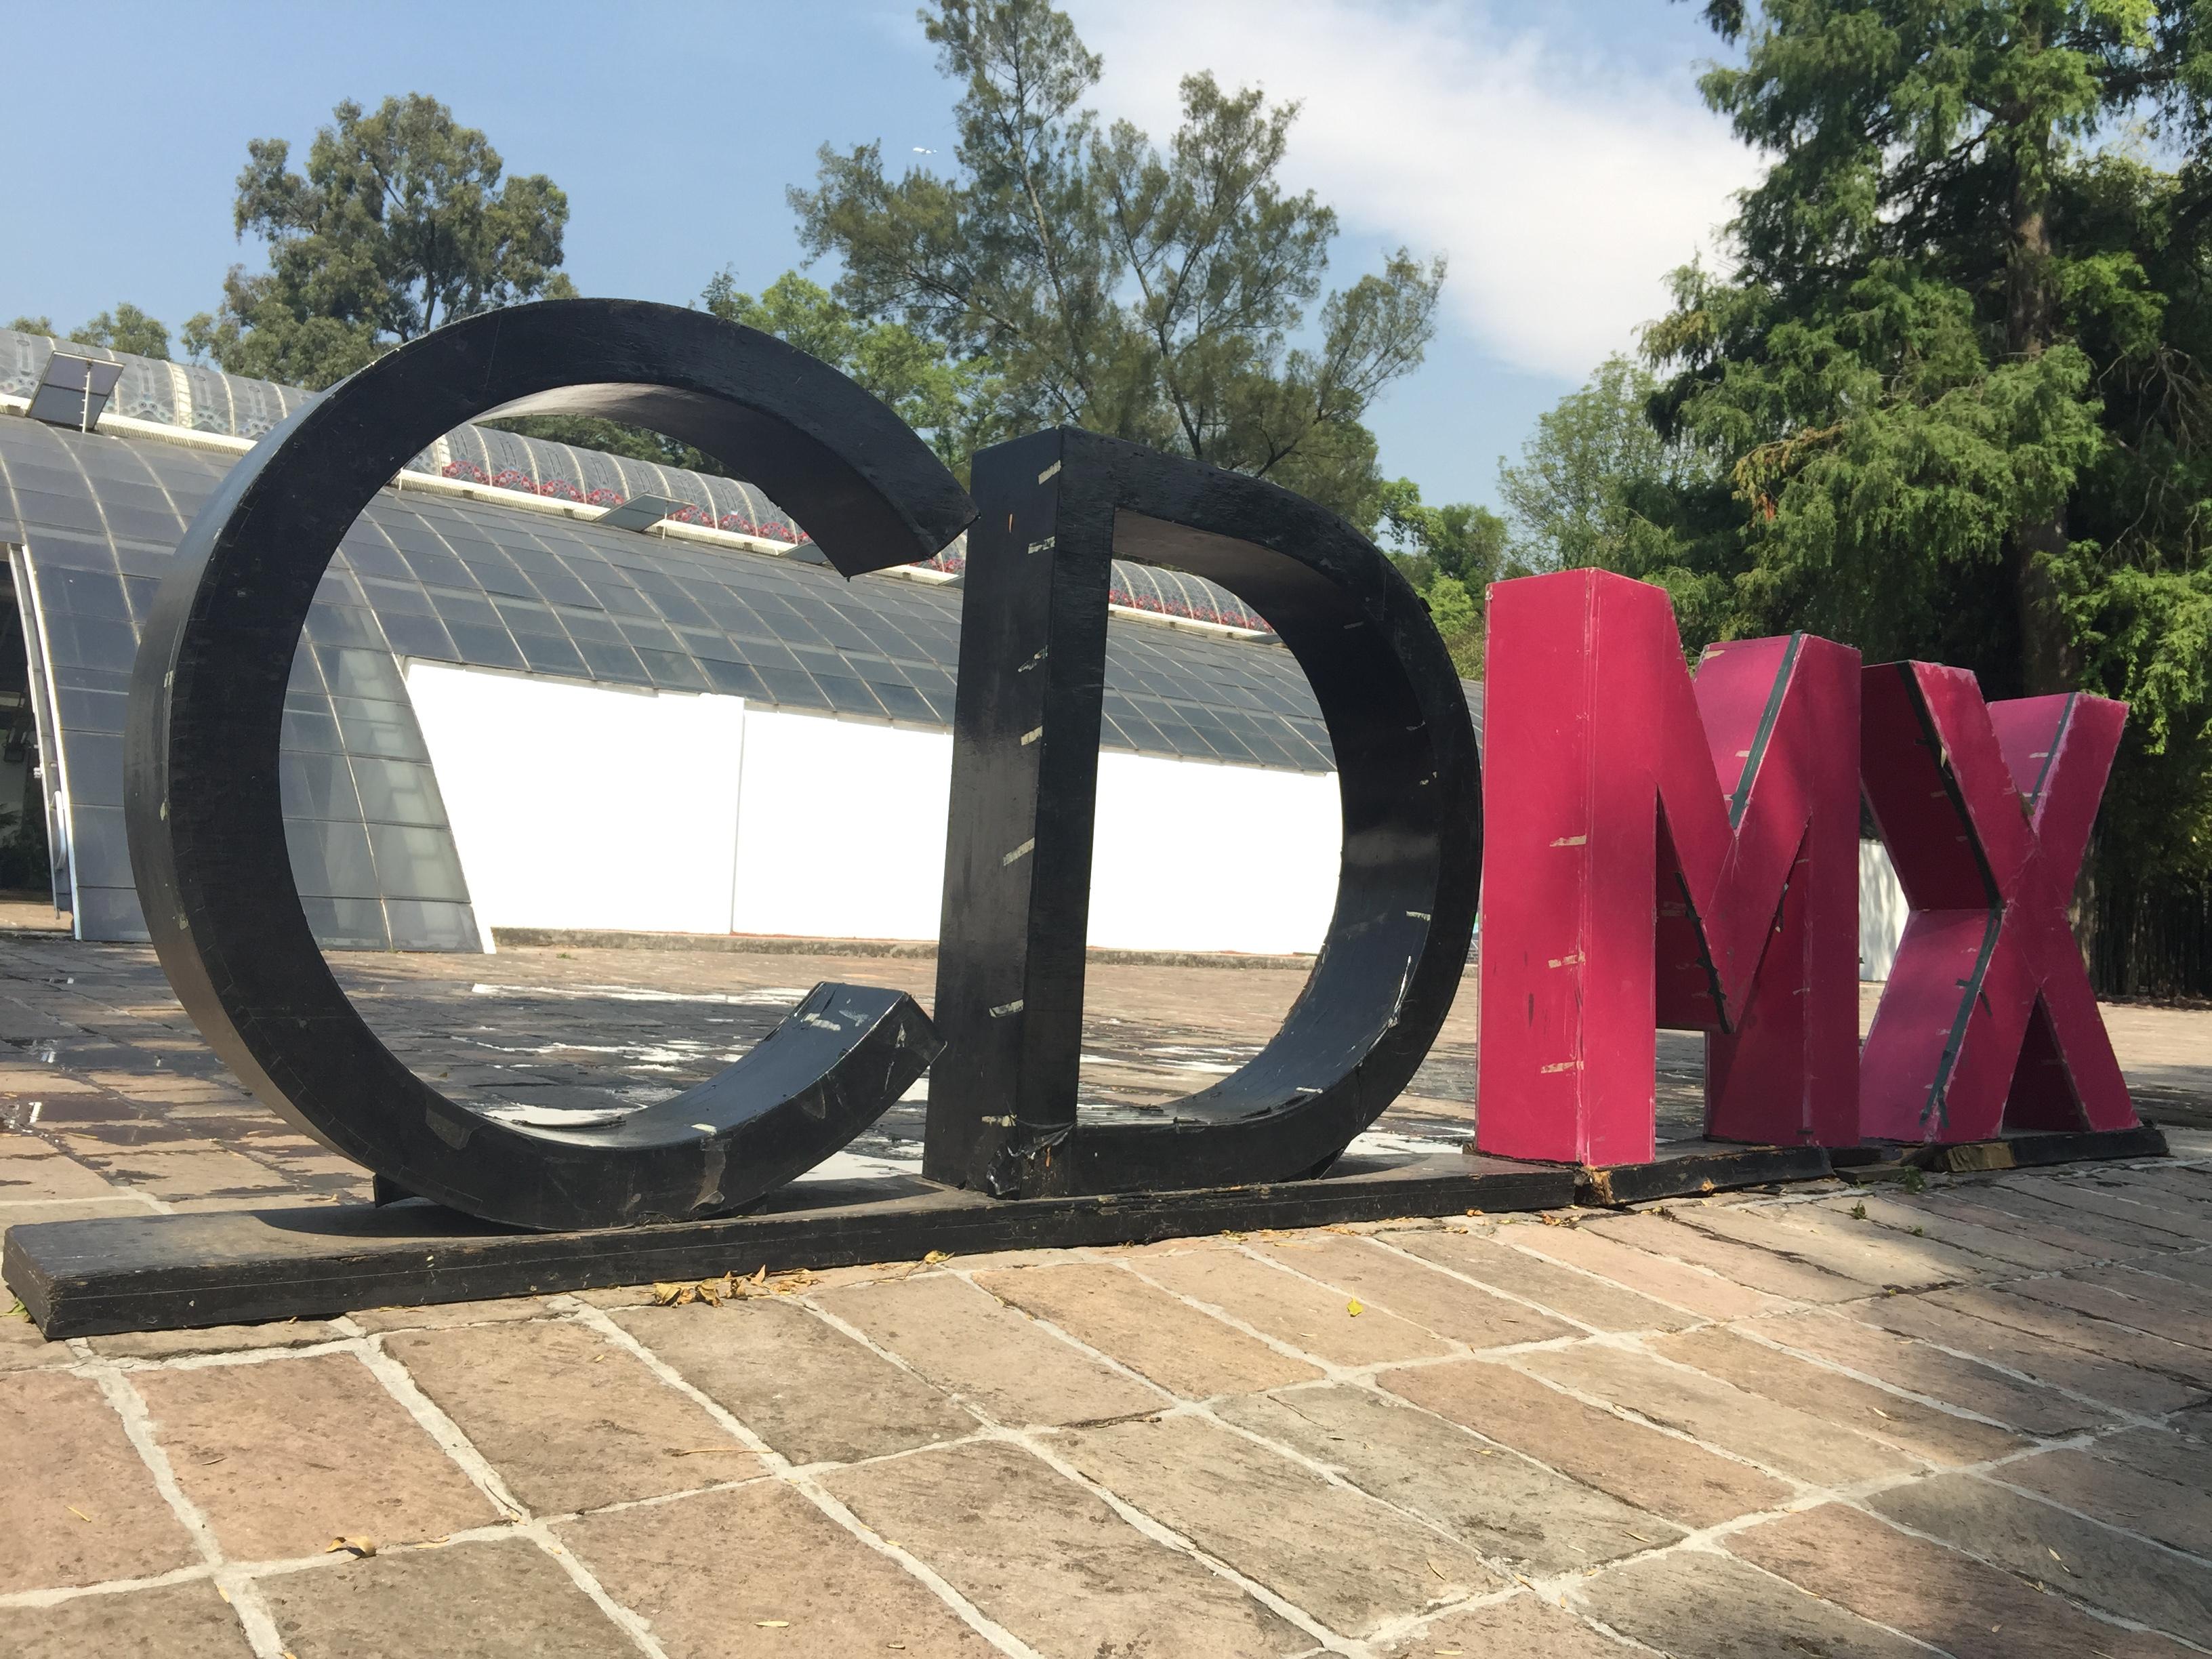 Mexico City TRavelguide